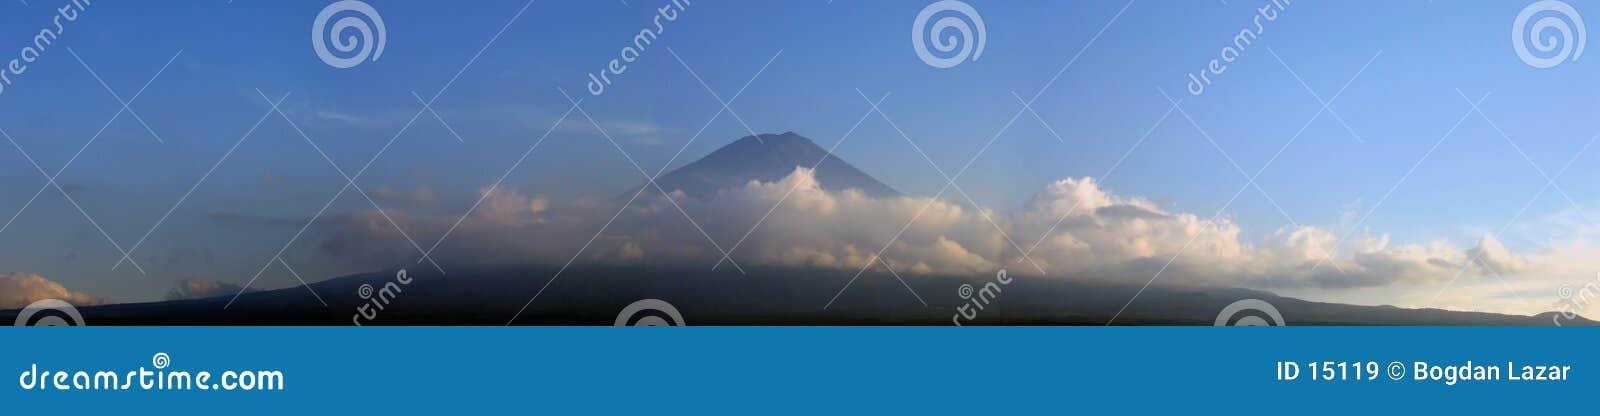 το fuji σύννεφων επικολλά το